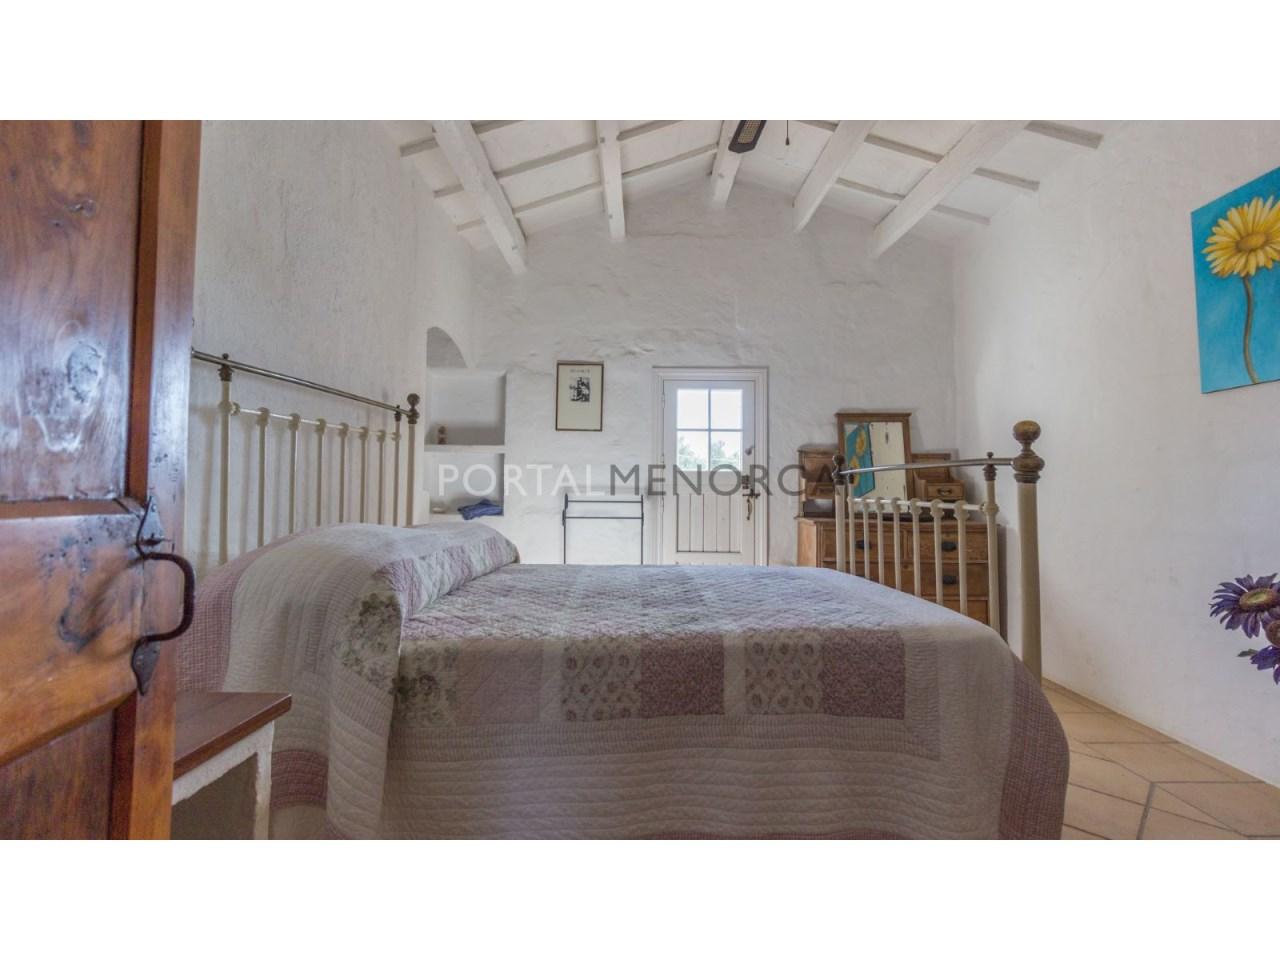 Casa de campo con piscina en venta en Mahon (16 de 24)